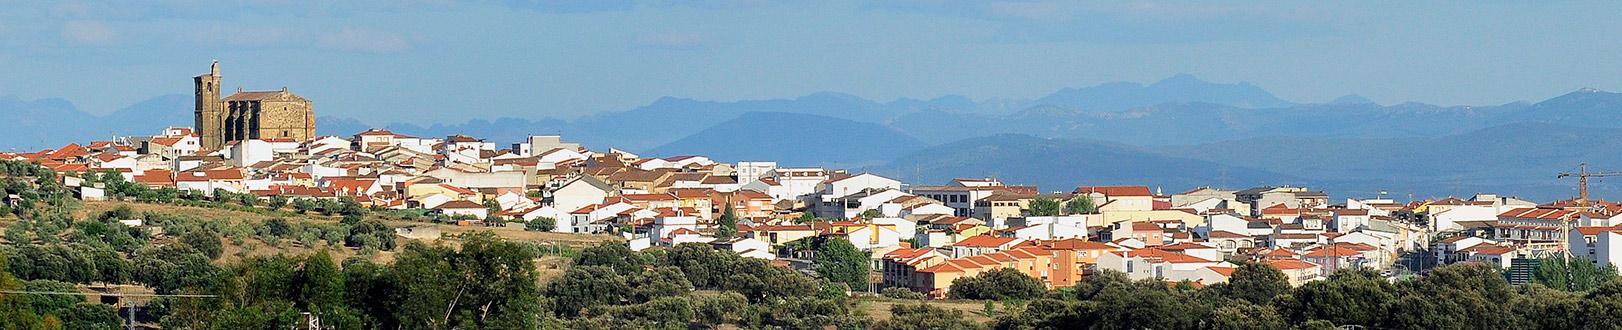 Hoteles en Monfragüe, Malpartida de Plasencia, Cáceres.